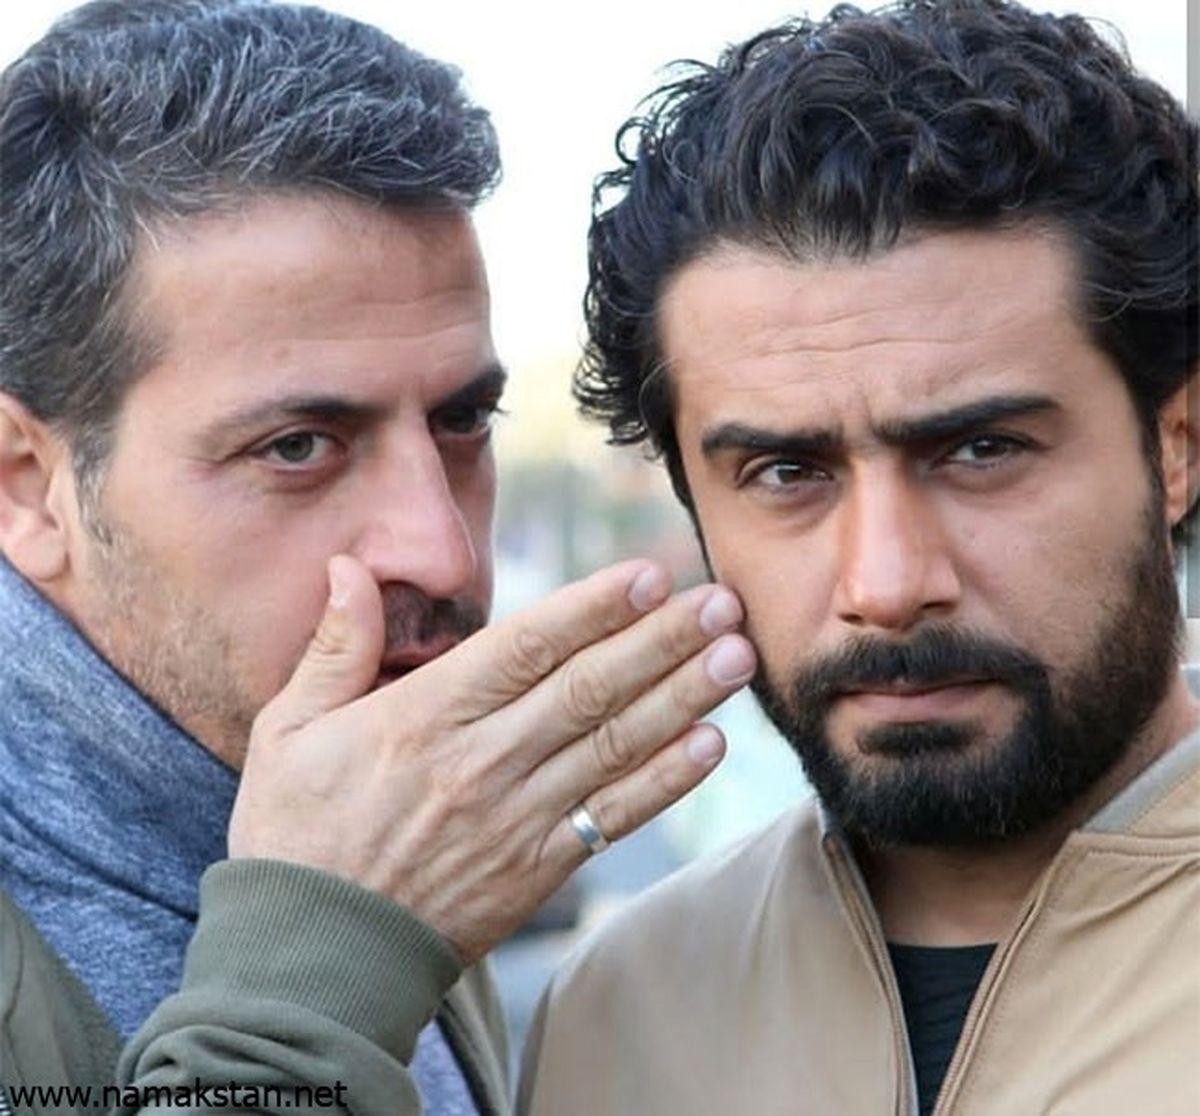 سرنوشت تلخ محمد در سریال گاندو | سریال گاندو 3 ساخته می شود؟